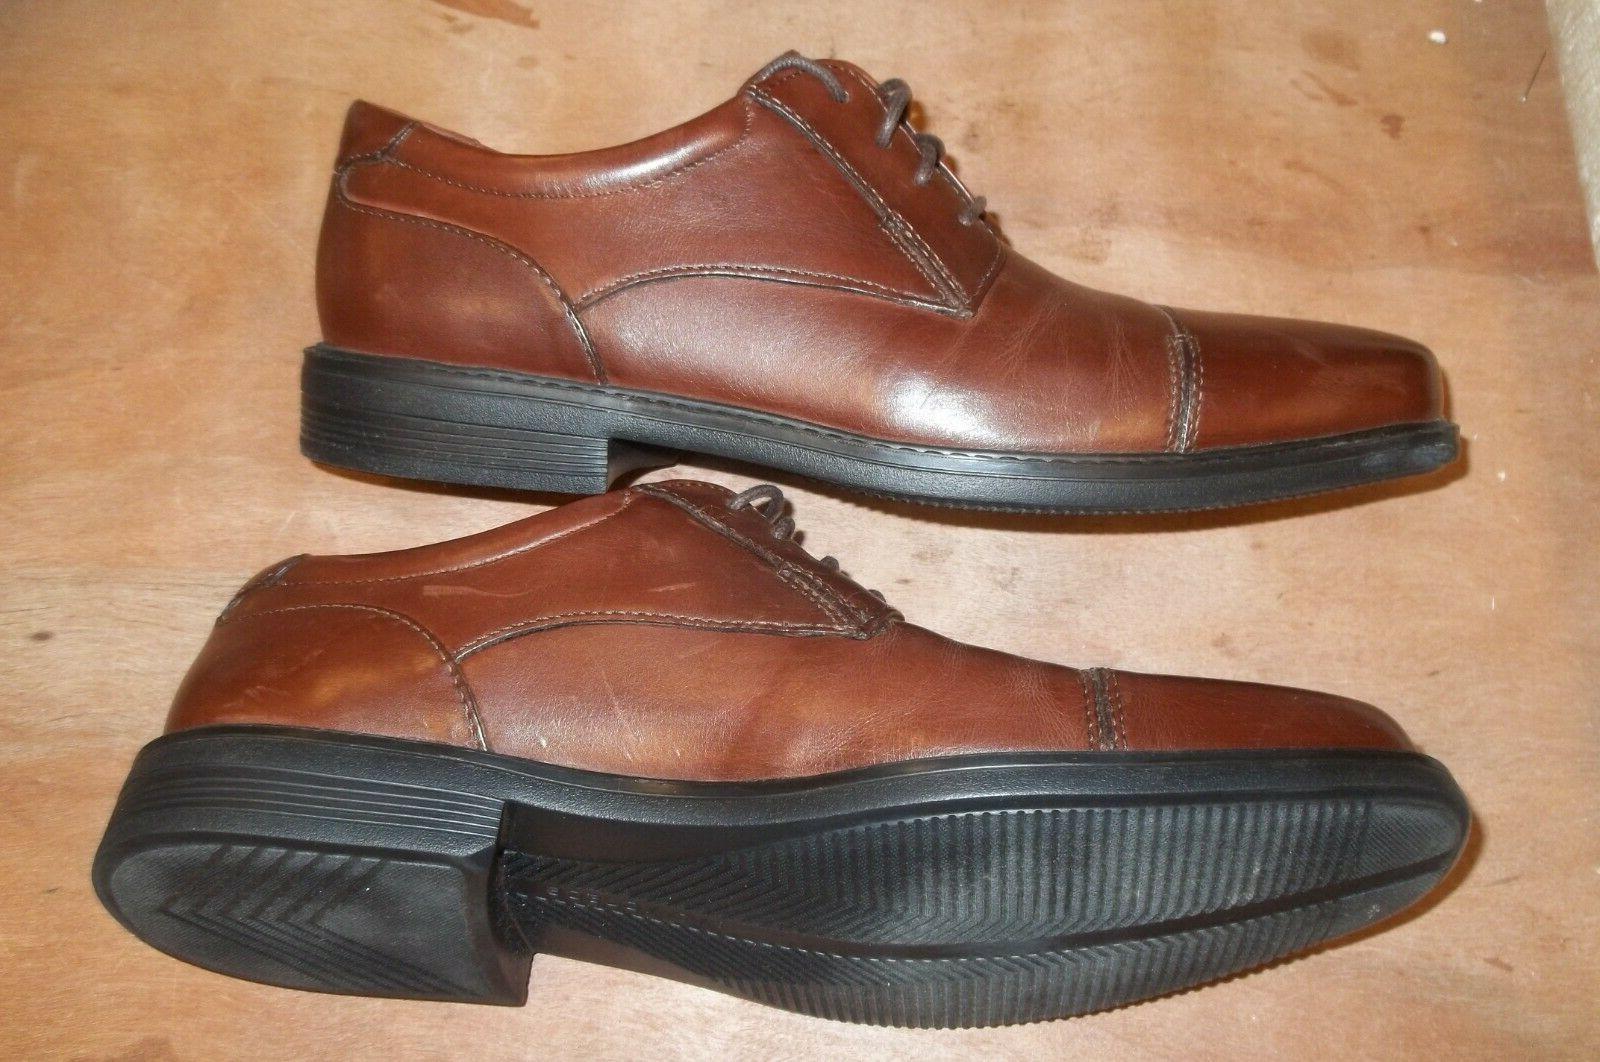 BOSTONIAN Shoes Size New